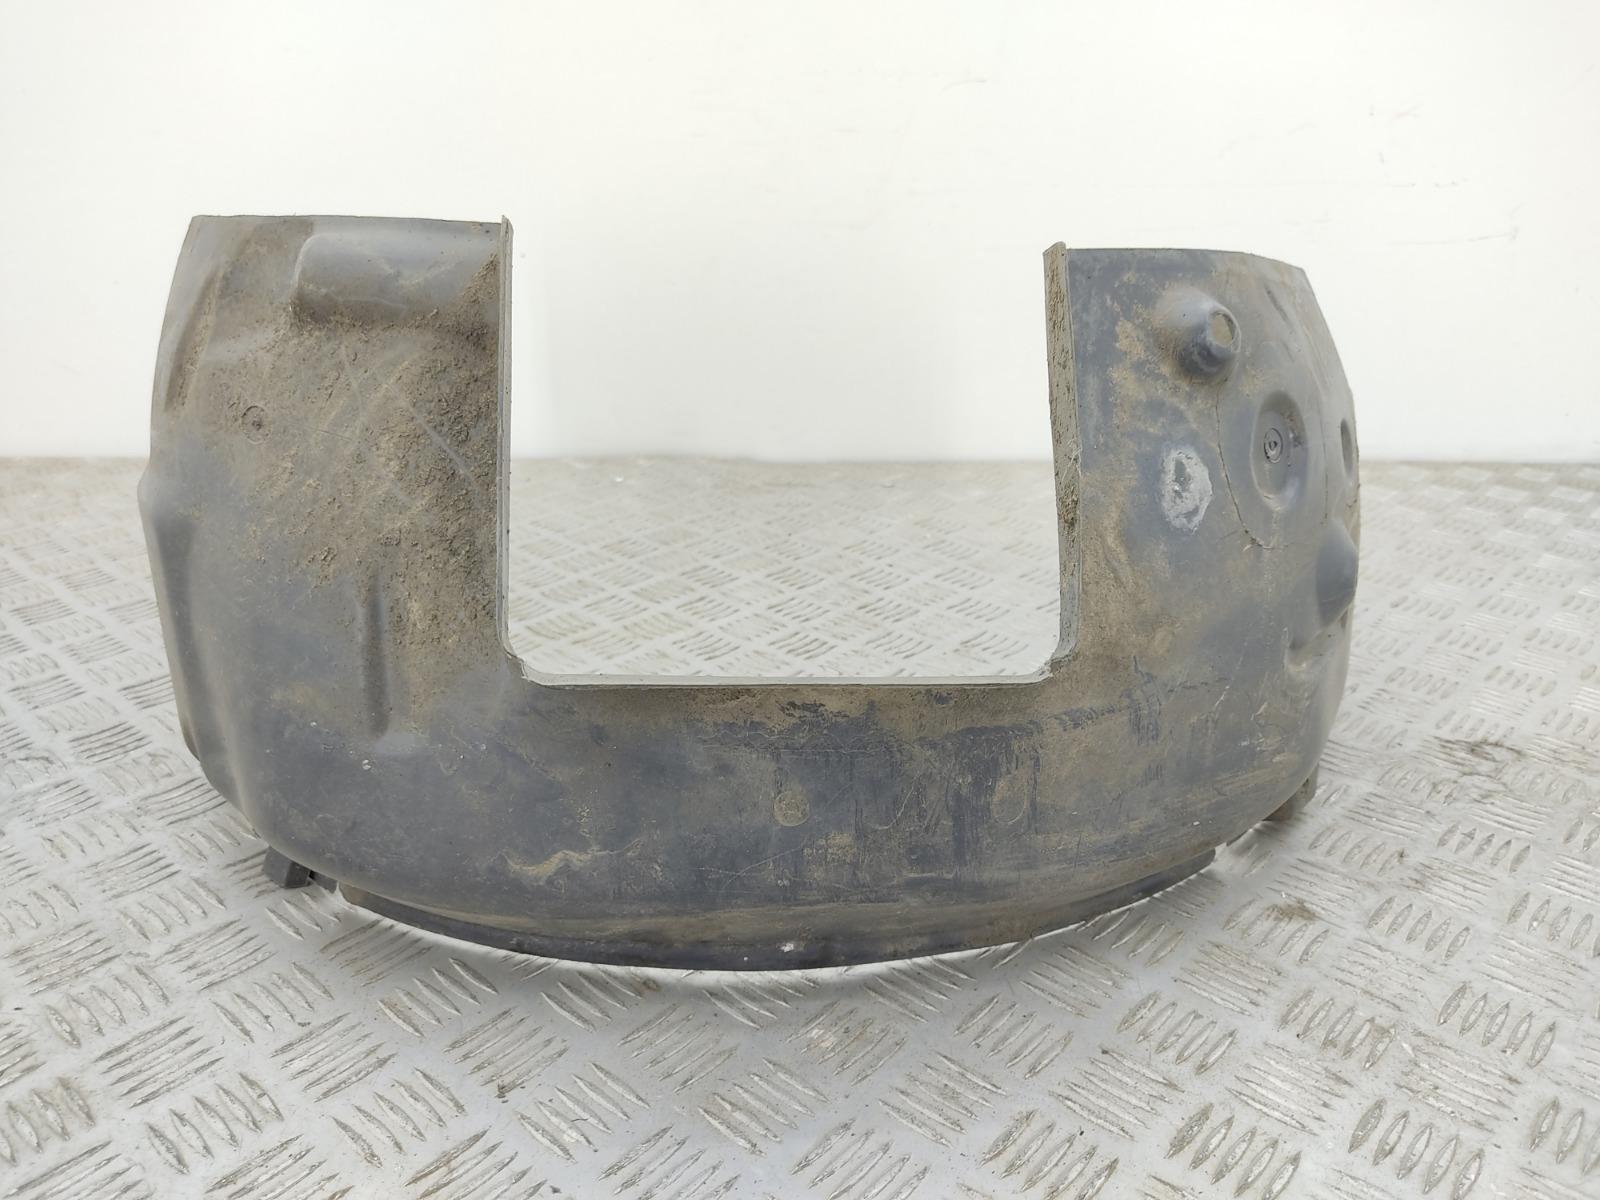 Защита арок передняя правая (подкрылок) Opel Meriva 1.7 CDTI 2004 (б/у)